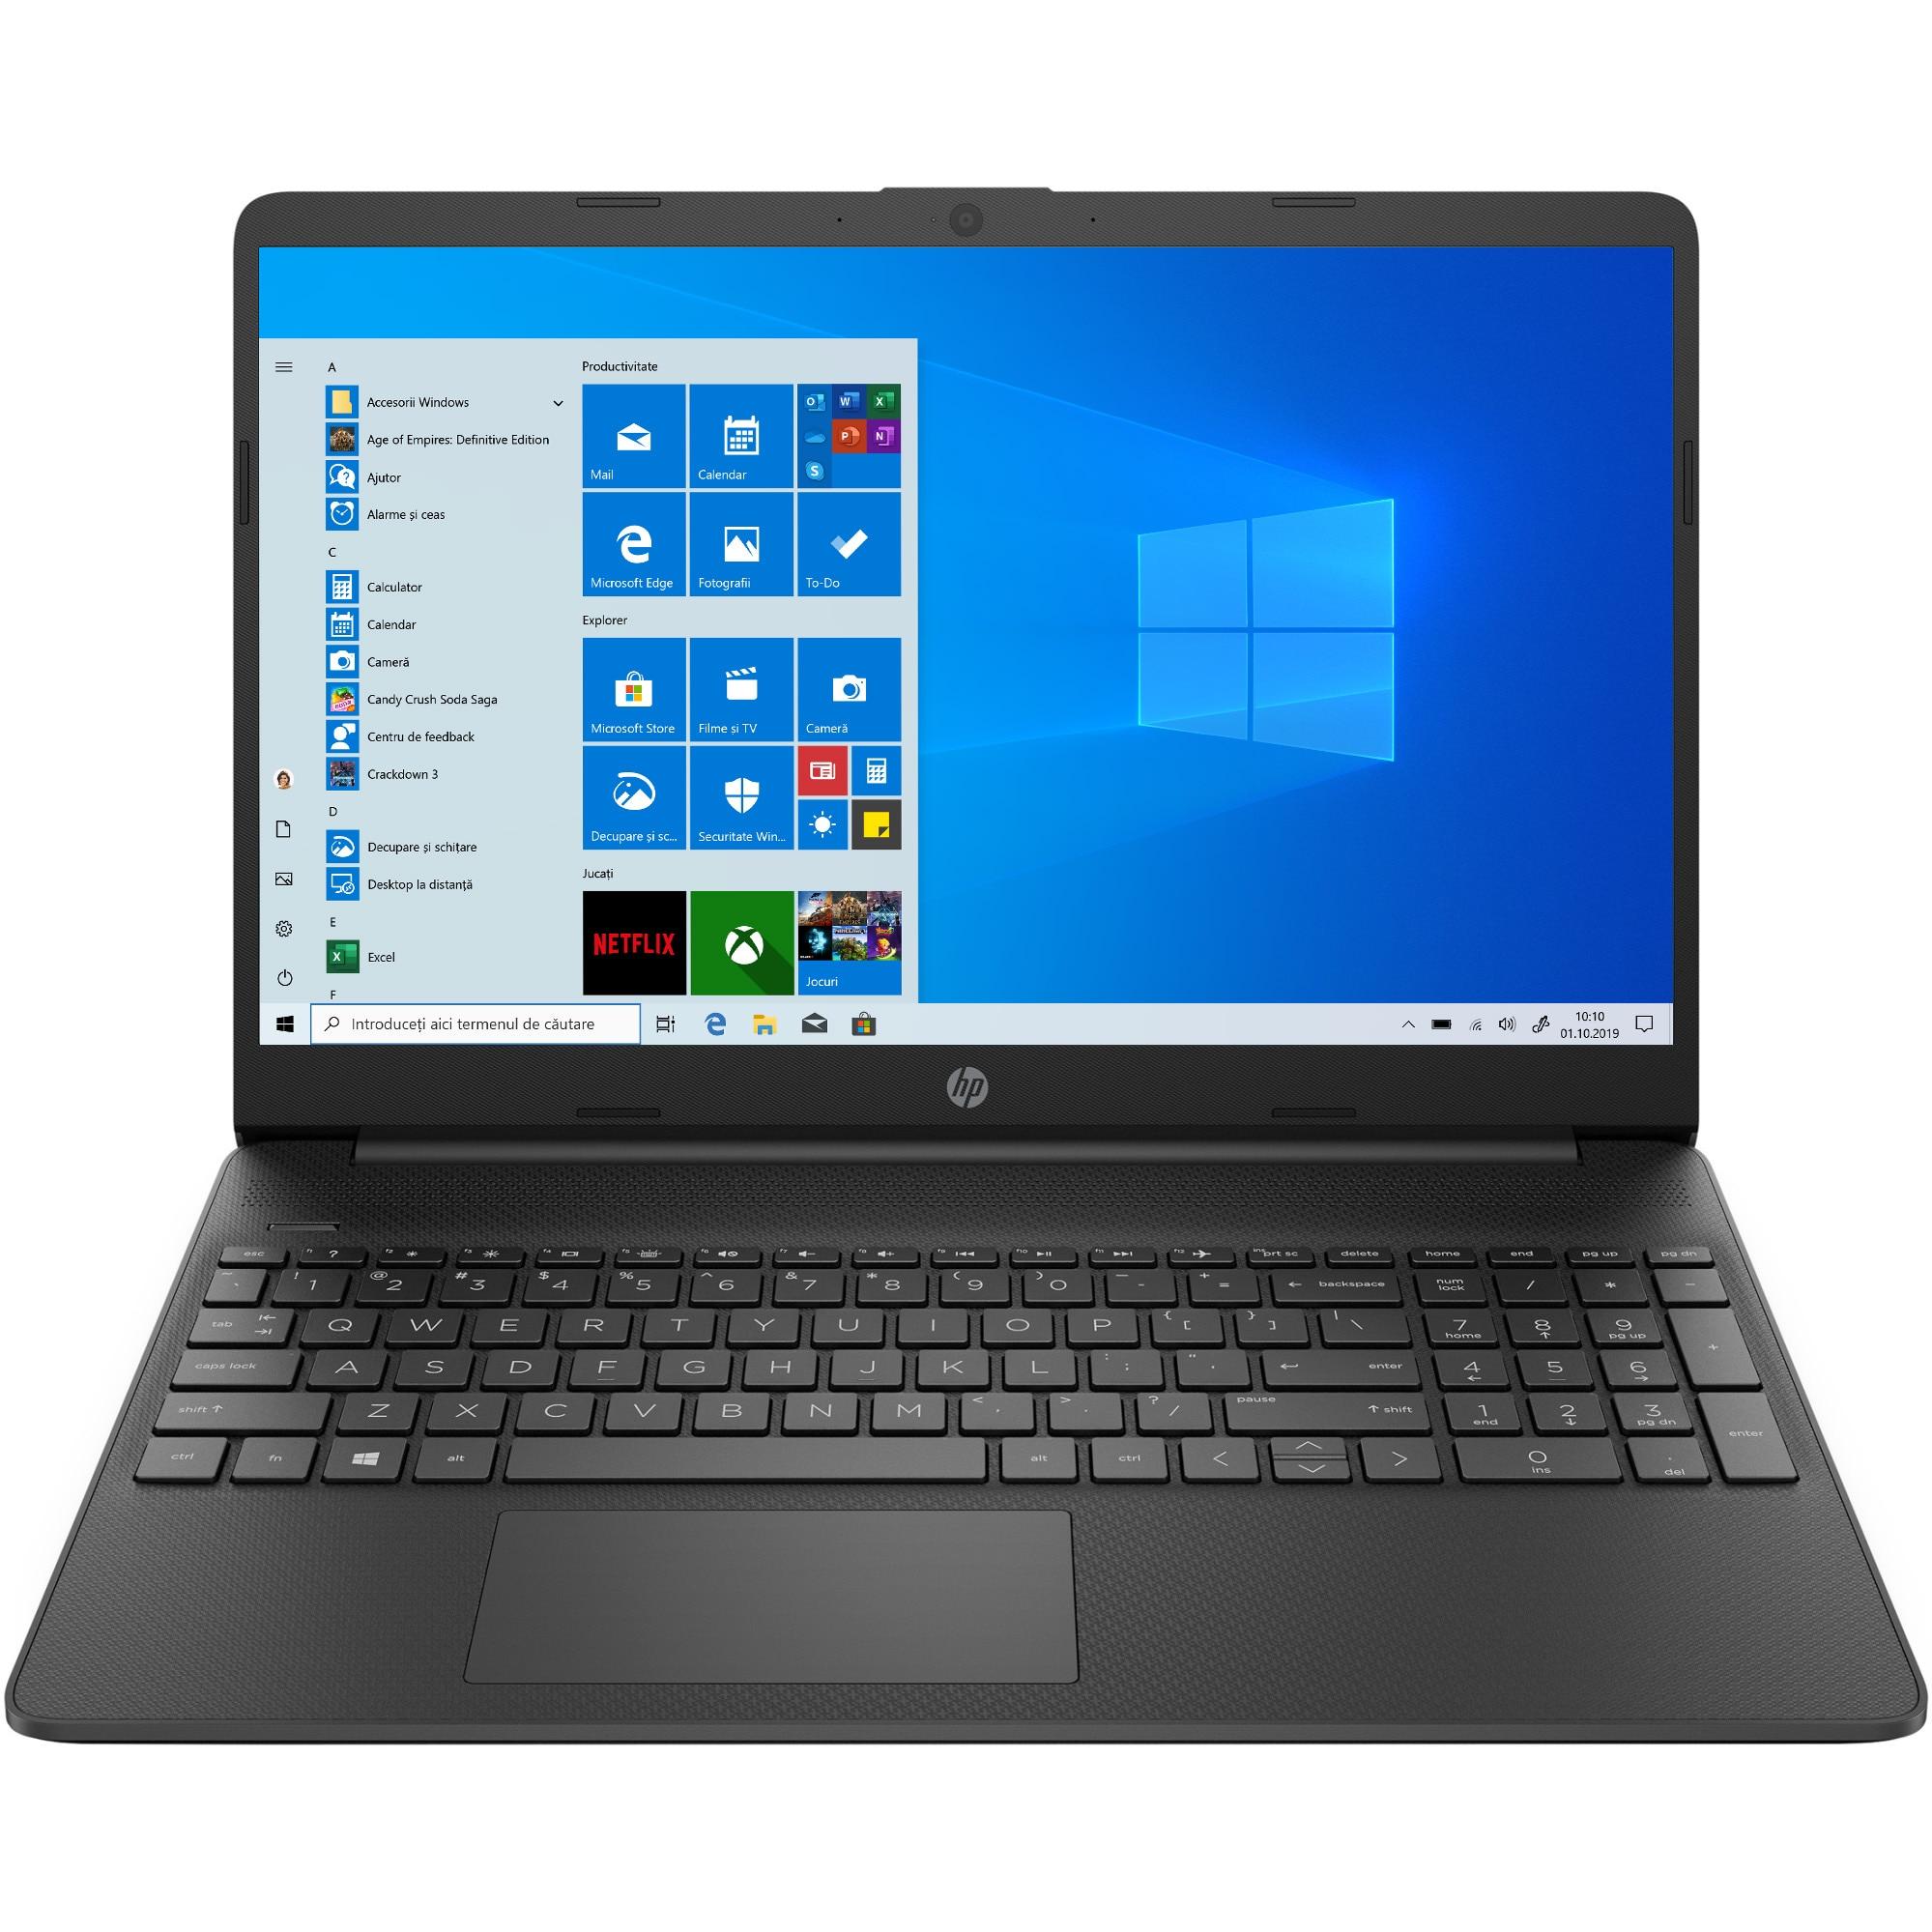 """Fotografie Laptop HP 15s-eq1031nq cu procesor AMD Ryzen™ 5 4500U pana la 4.00 GHz, 15.6"""", Full HD, 8GB, 512GB SSD, AMD Radeon™ Graphics, Windows 10 Home S, Black"""